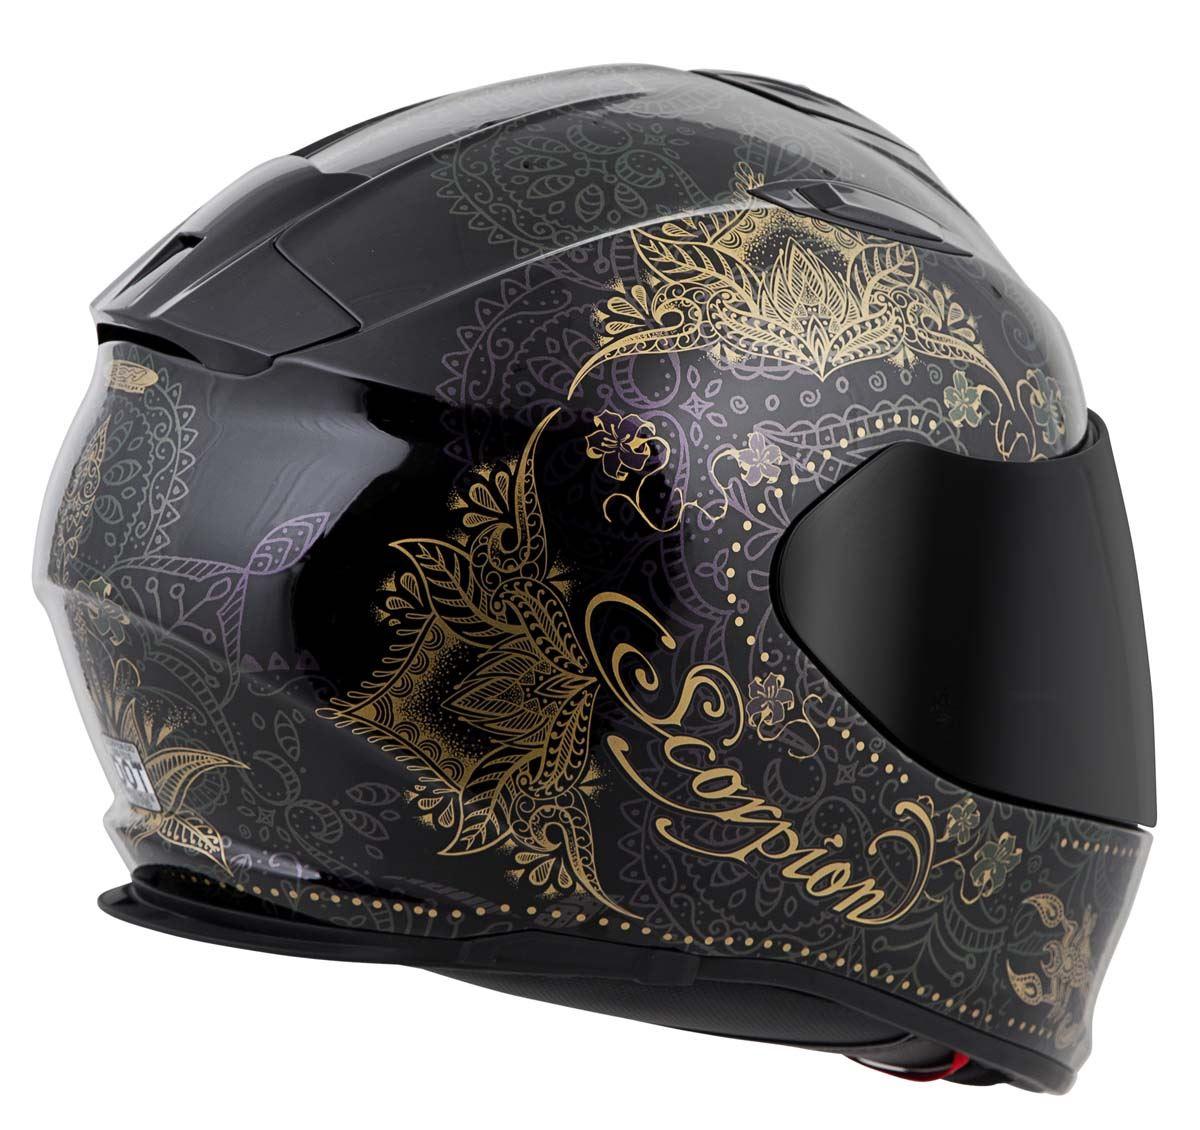 Scorpion-EXO-T510-Helmet-Full-Face-DOT-Approved-Inner-Sun-Shield miniature 66